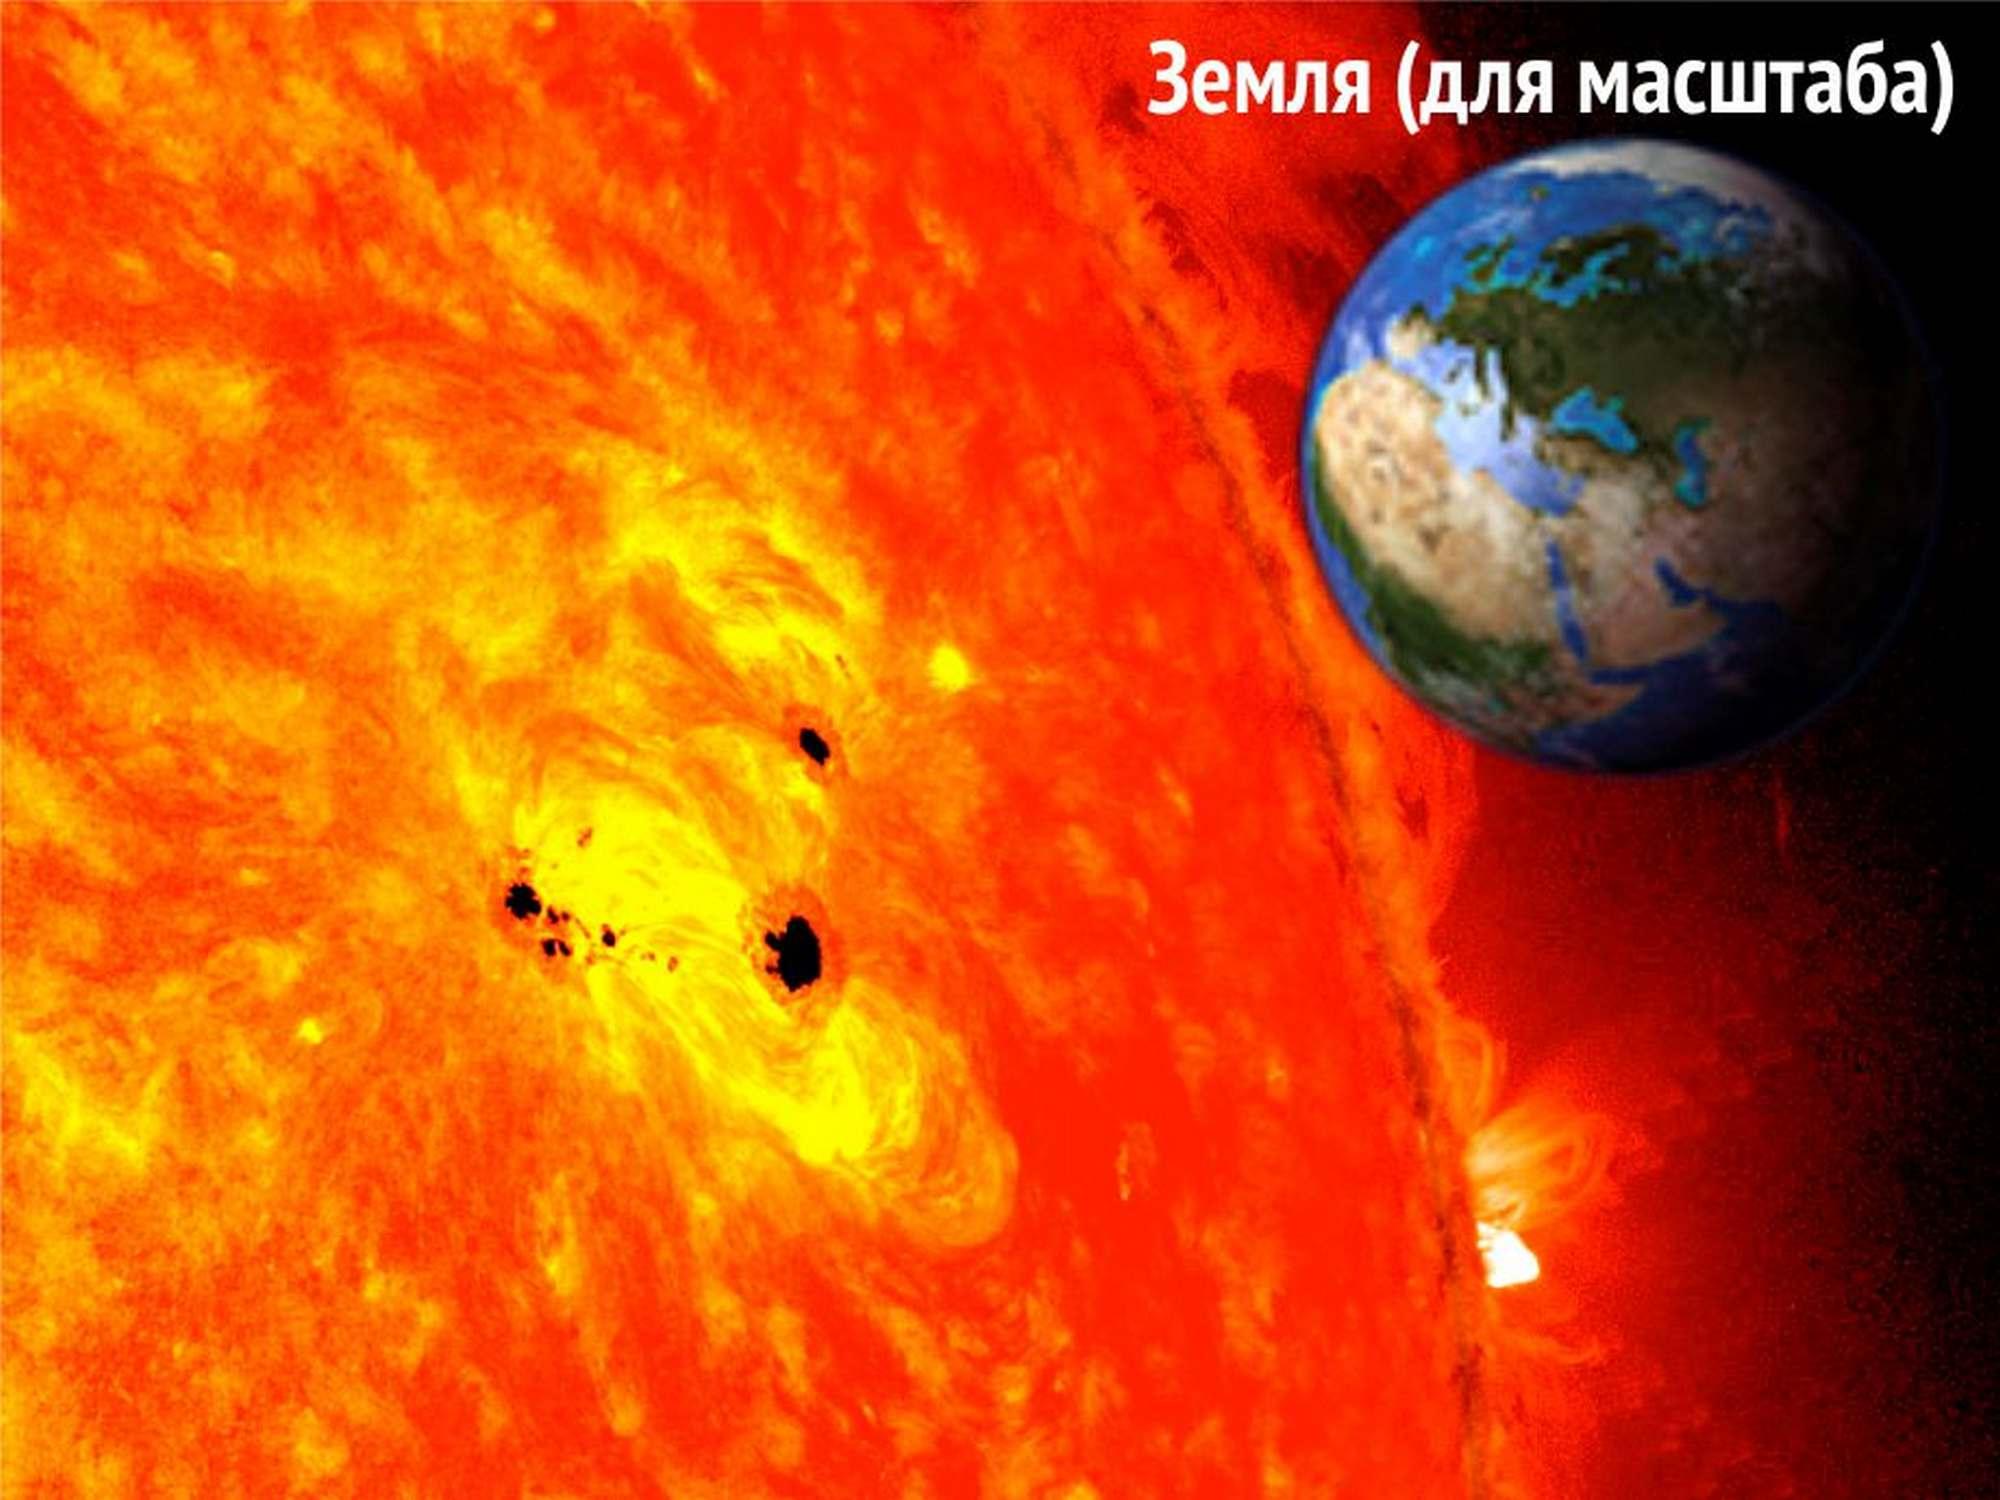 Пятна на Солнце 19-20 февраля 2013 года (NASA/SDO/AIA/HMI/Goddard Space Flight Center).